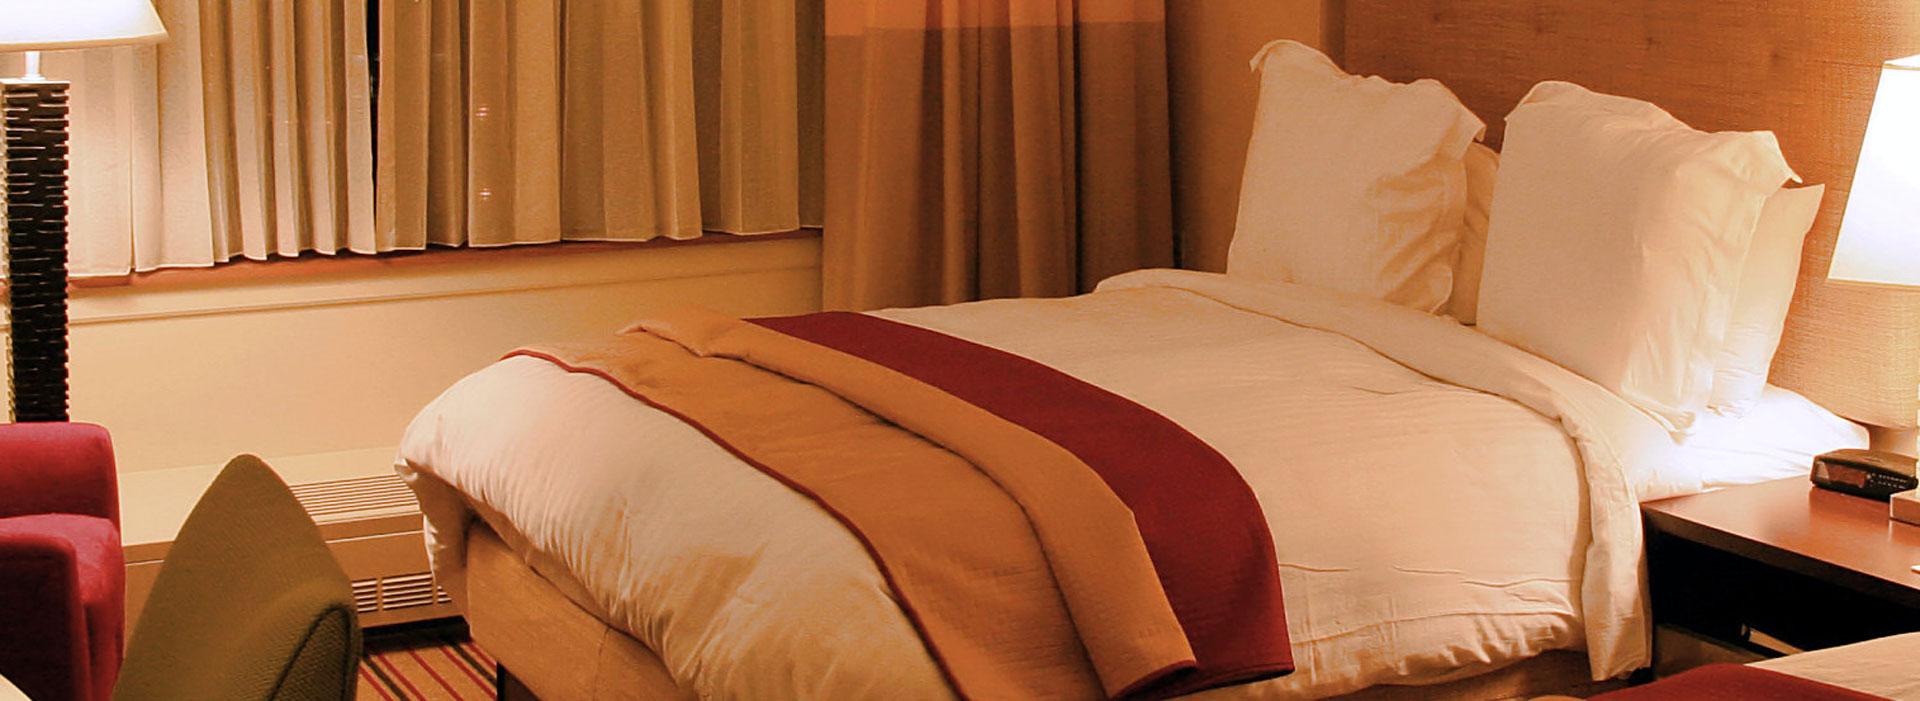 <small>однокомнатный номер с полуторной кроватью, площадью 16 м2 </small>Стандарт эконом